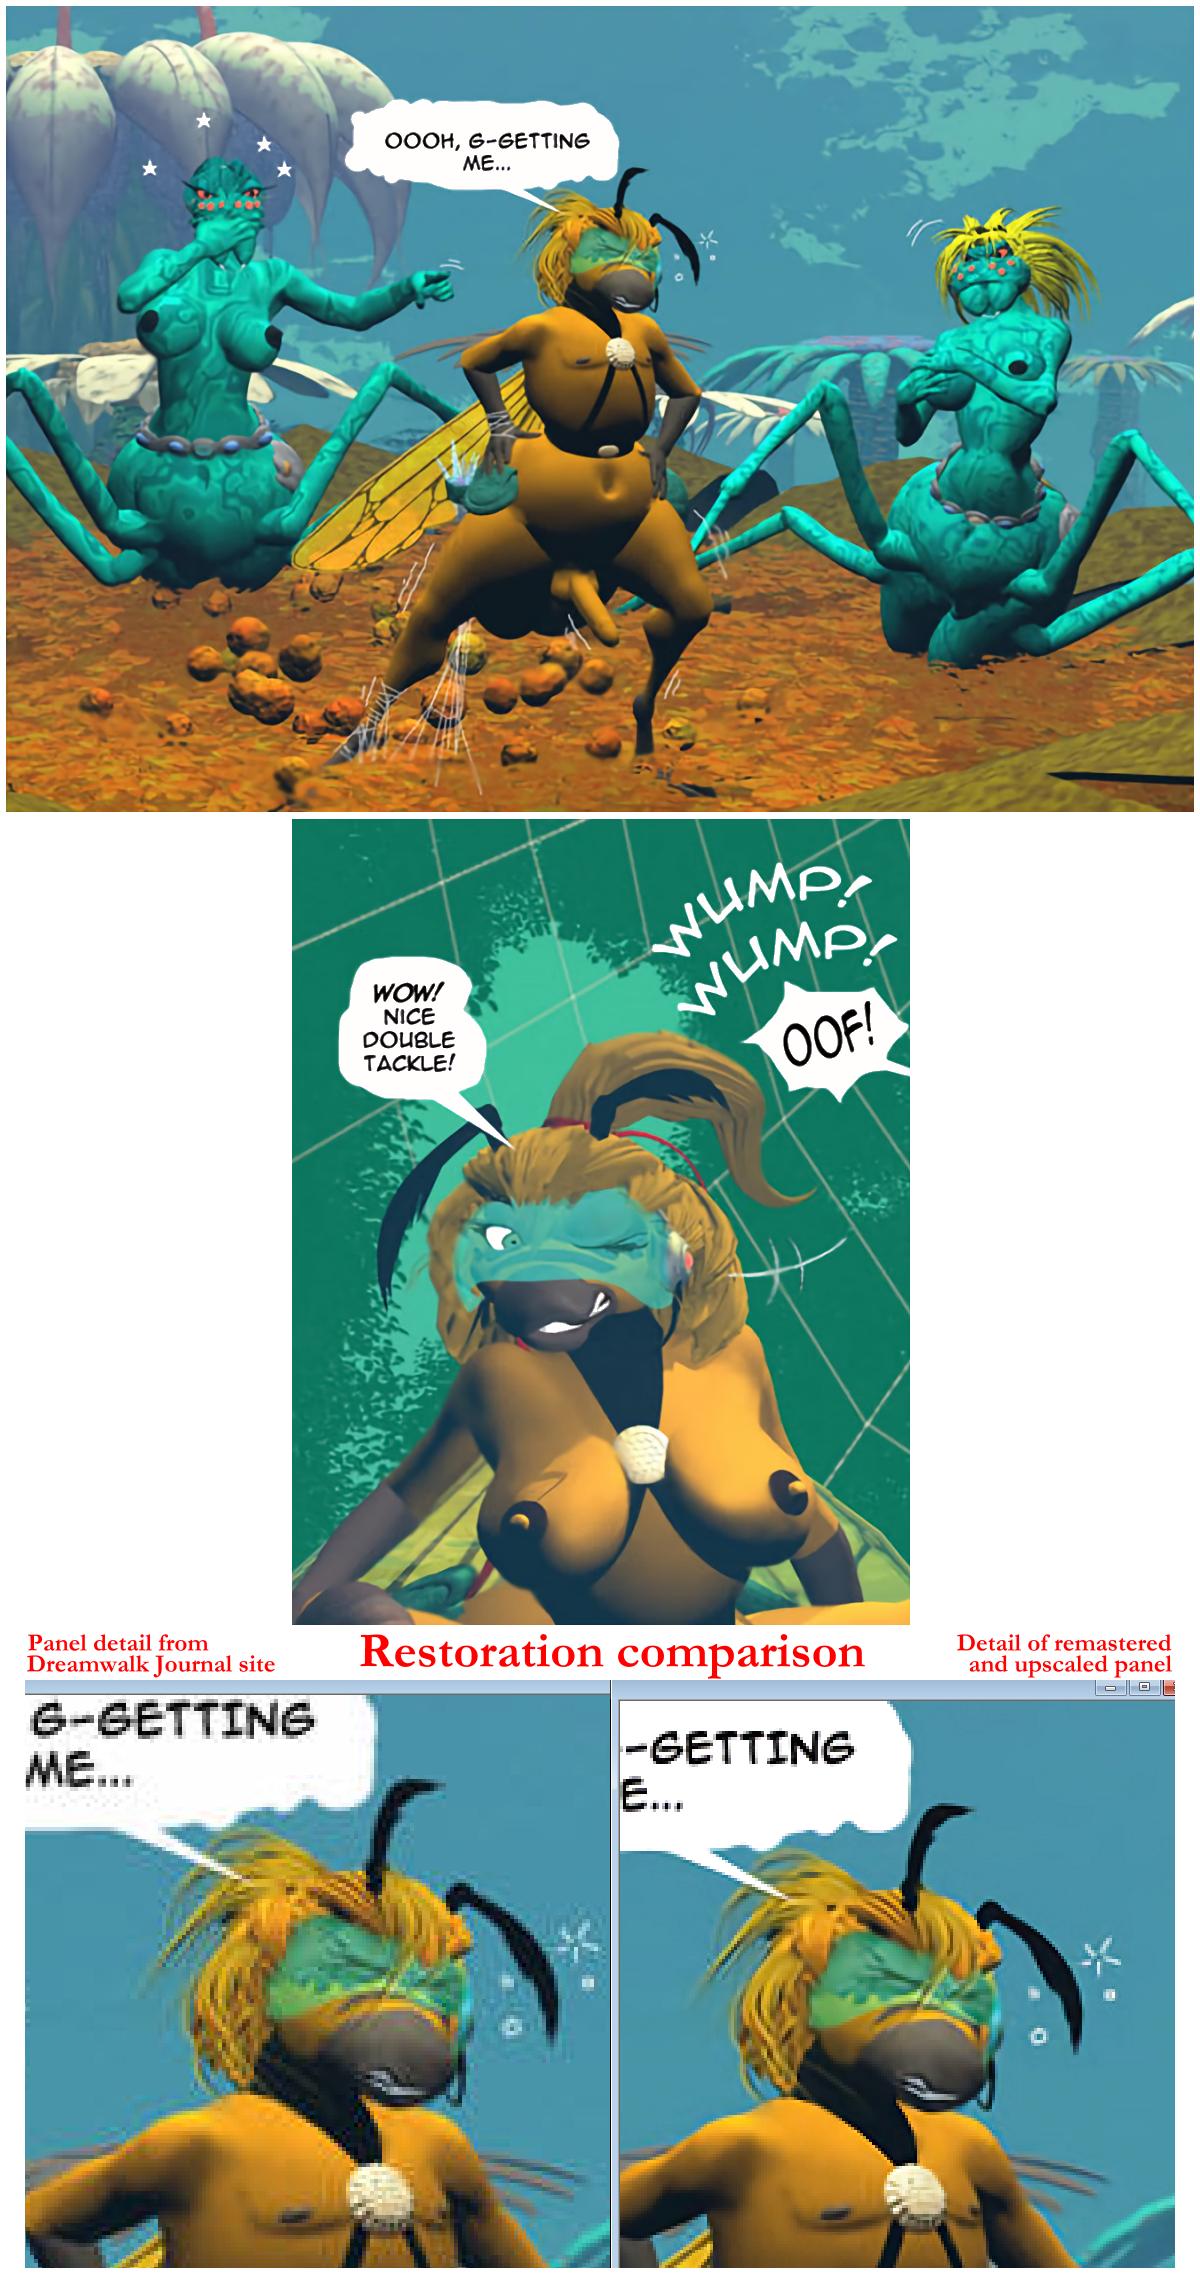 The Laceweb page 23, plus restoration comparison